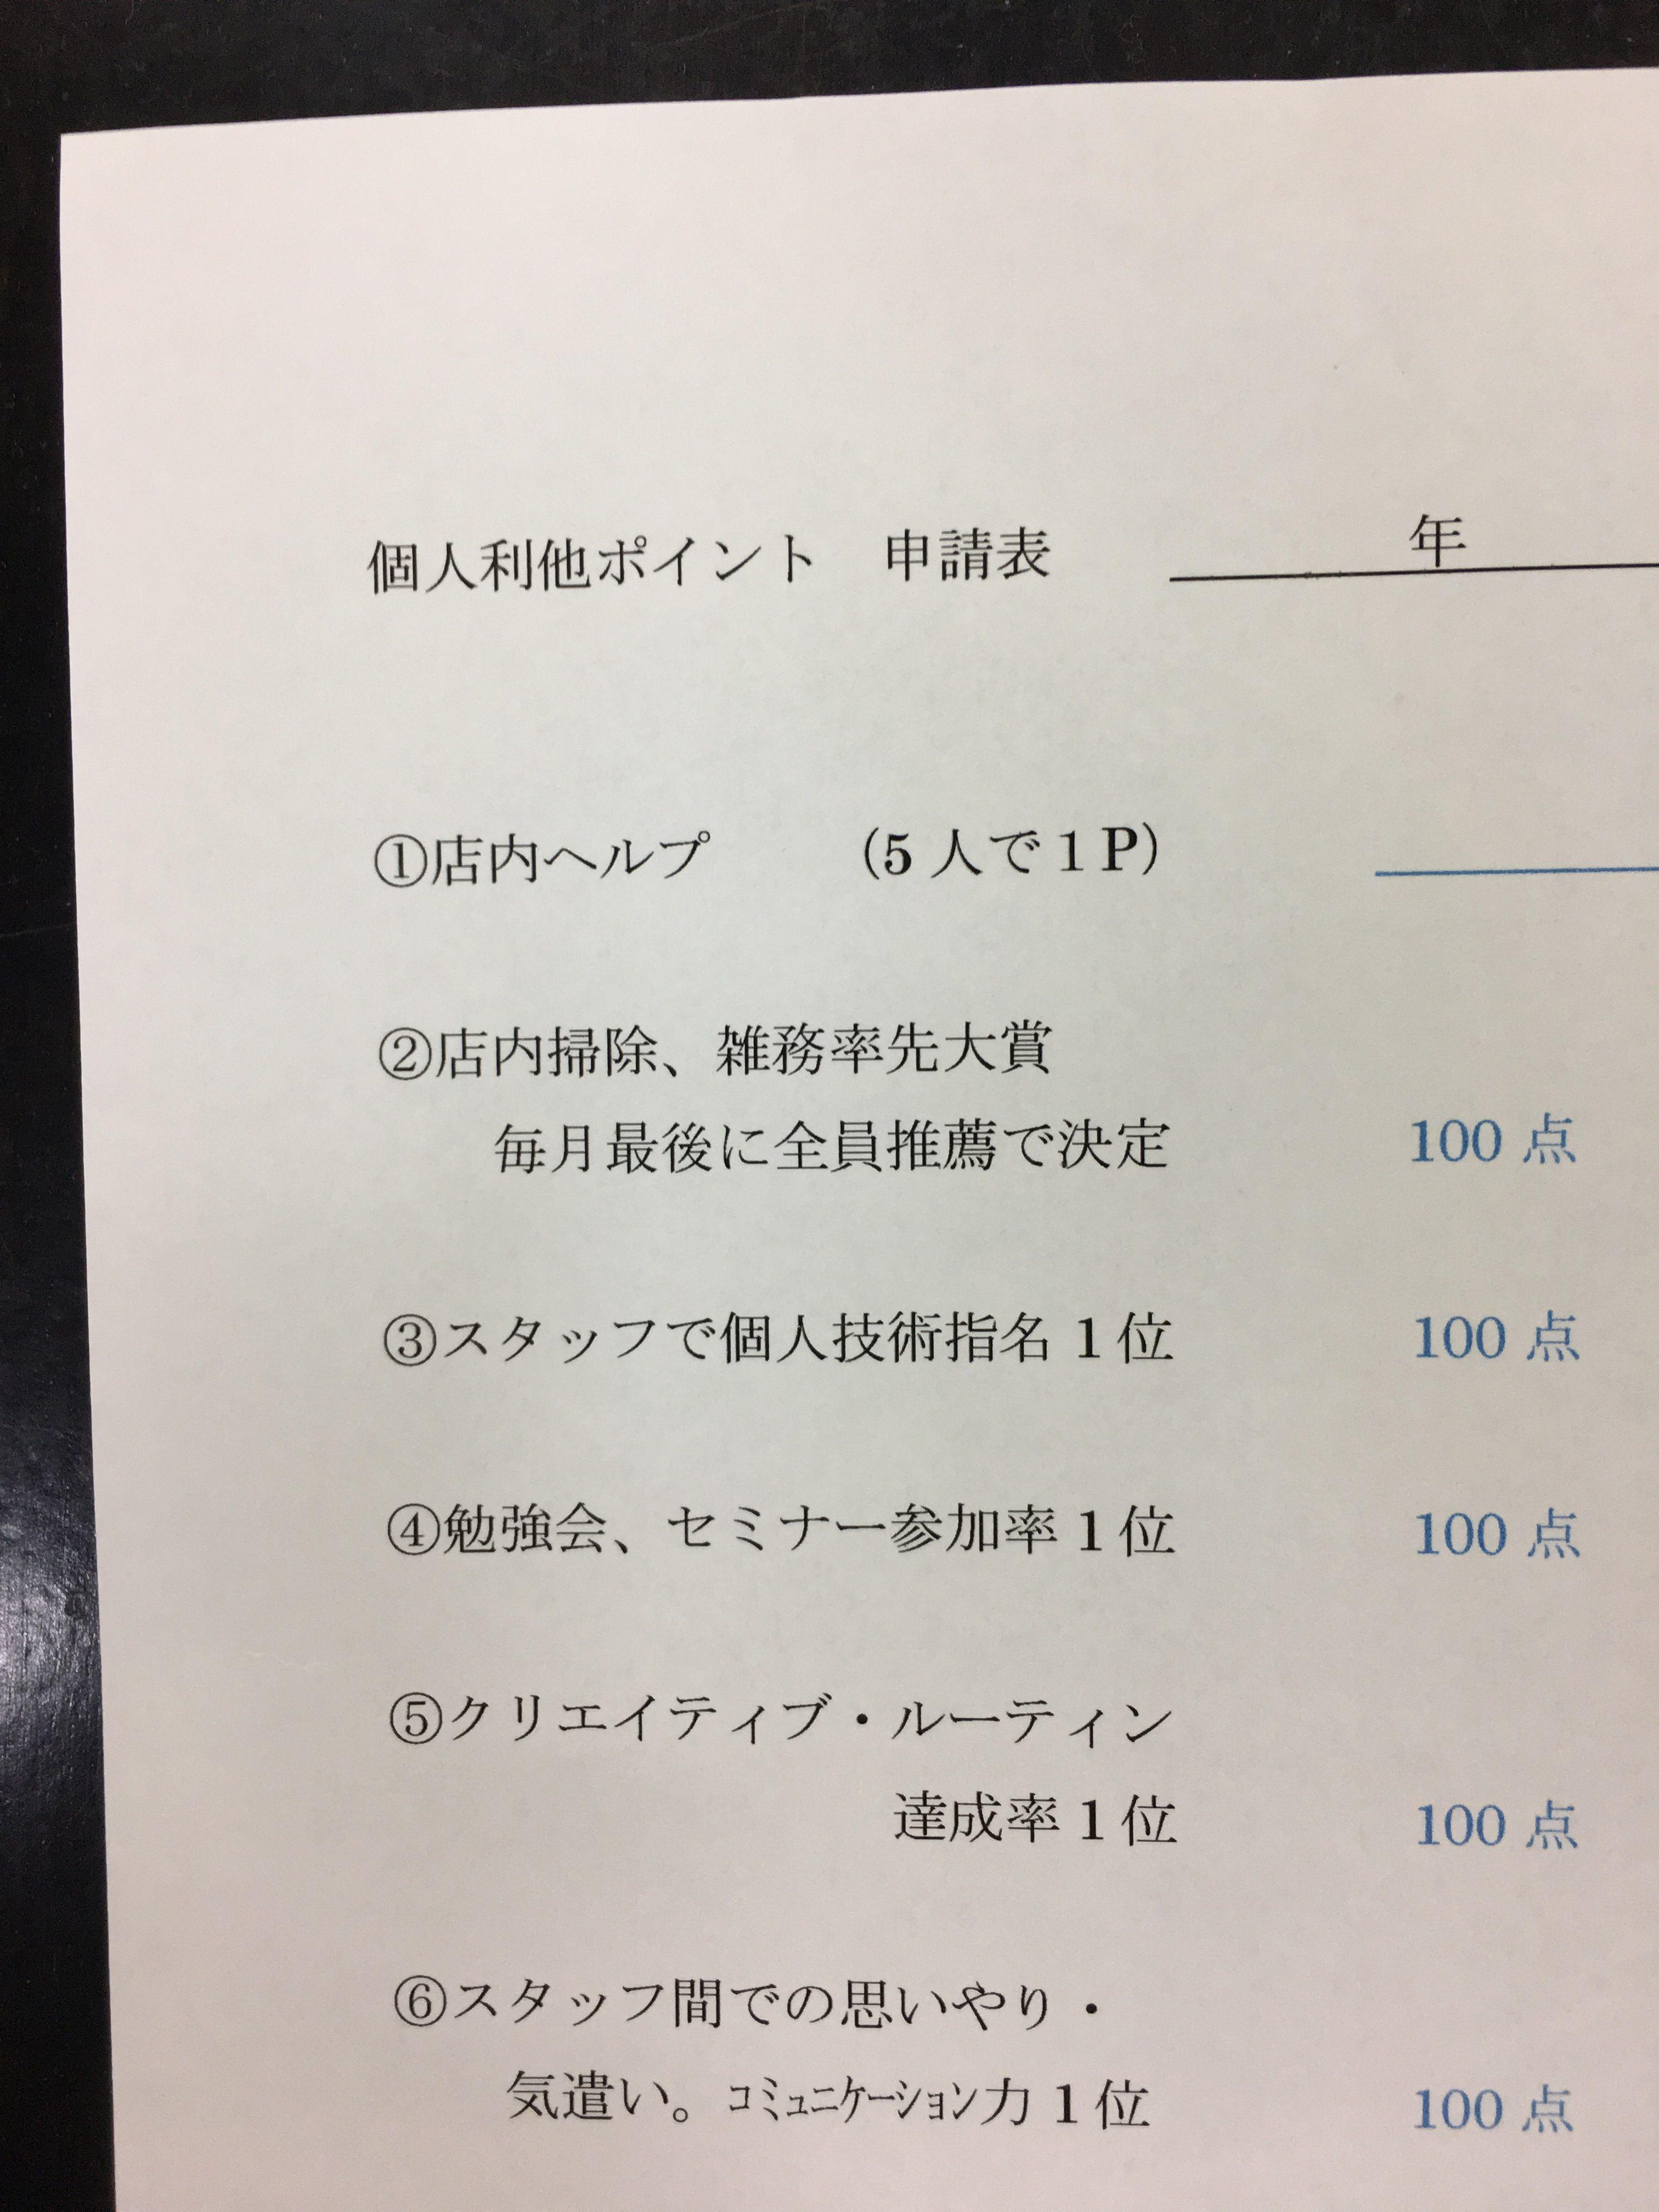 あんく 美容スタッフ求人 http://www.ankh-jp.com